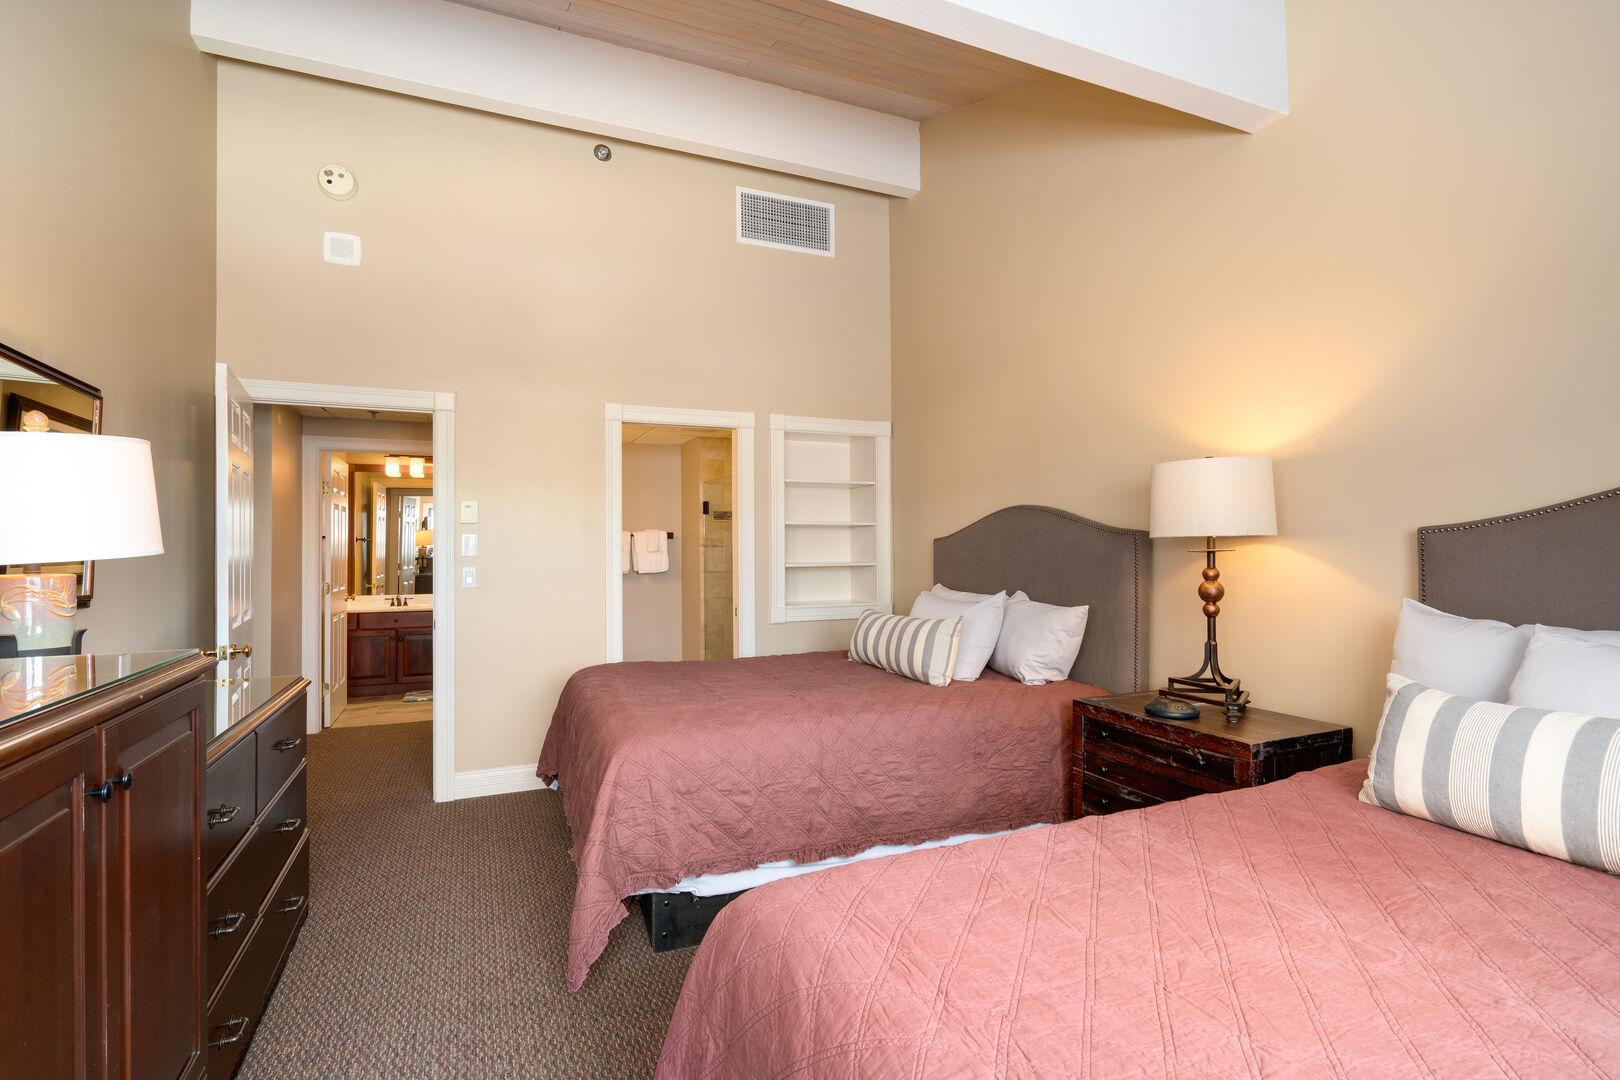 Bedroom 1 with 2 queen beds.